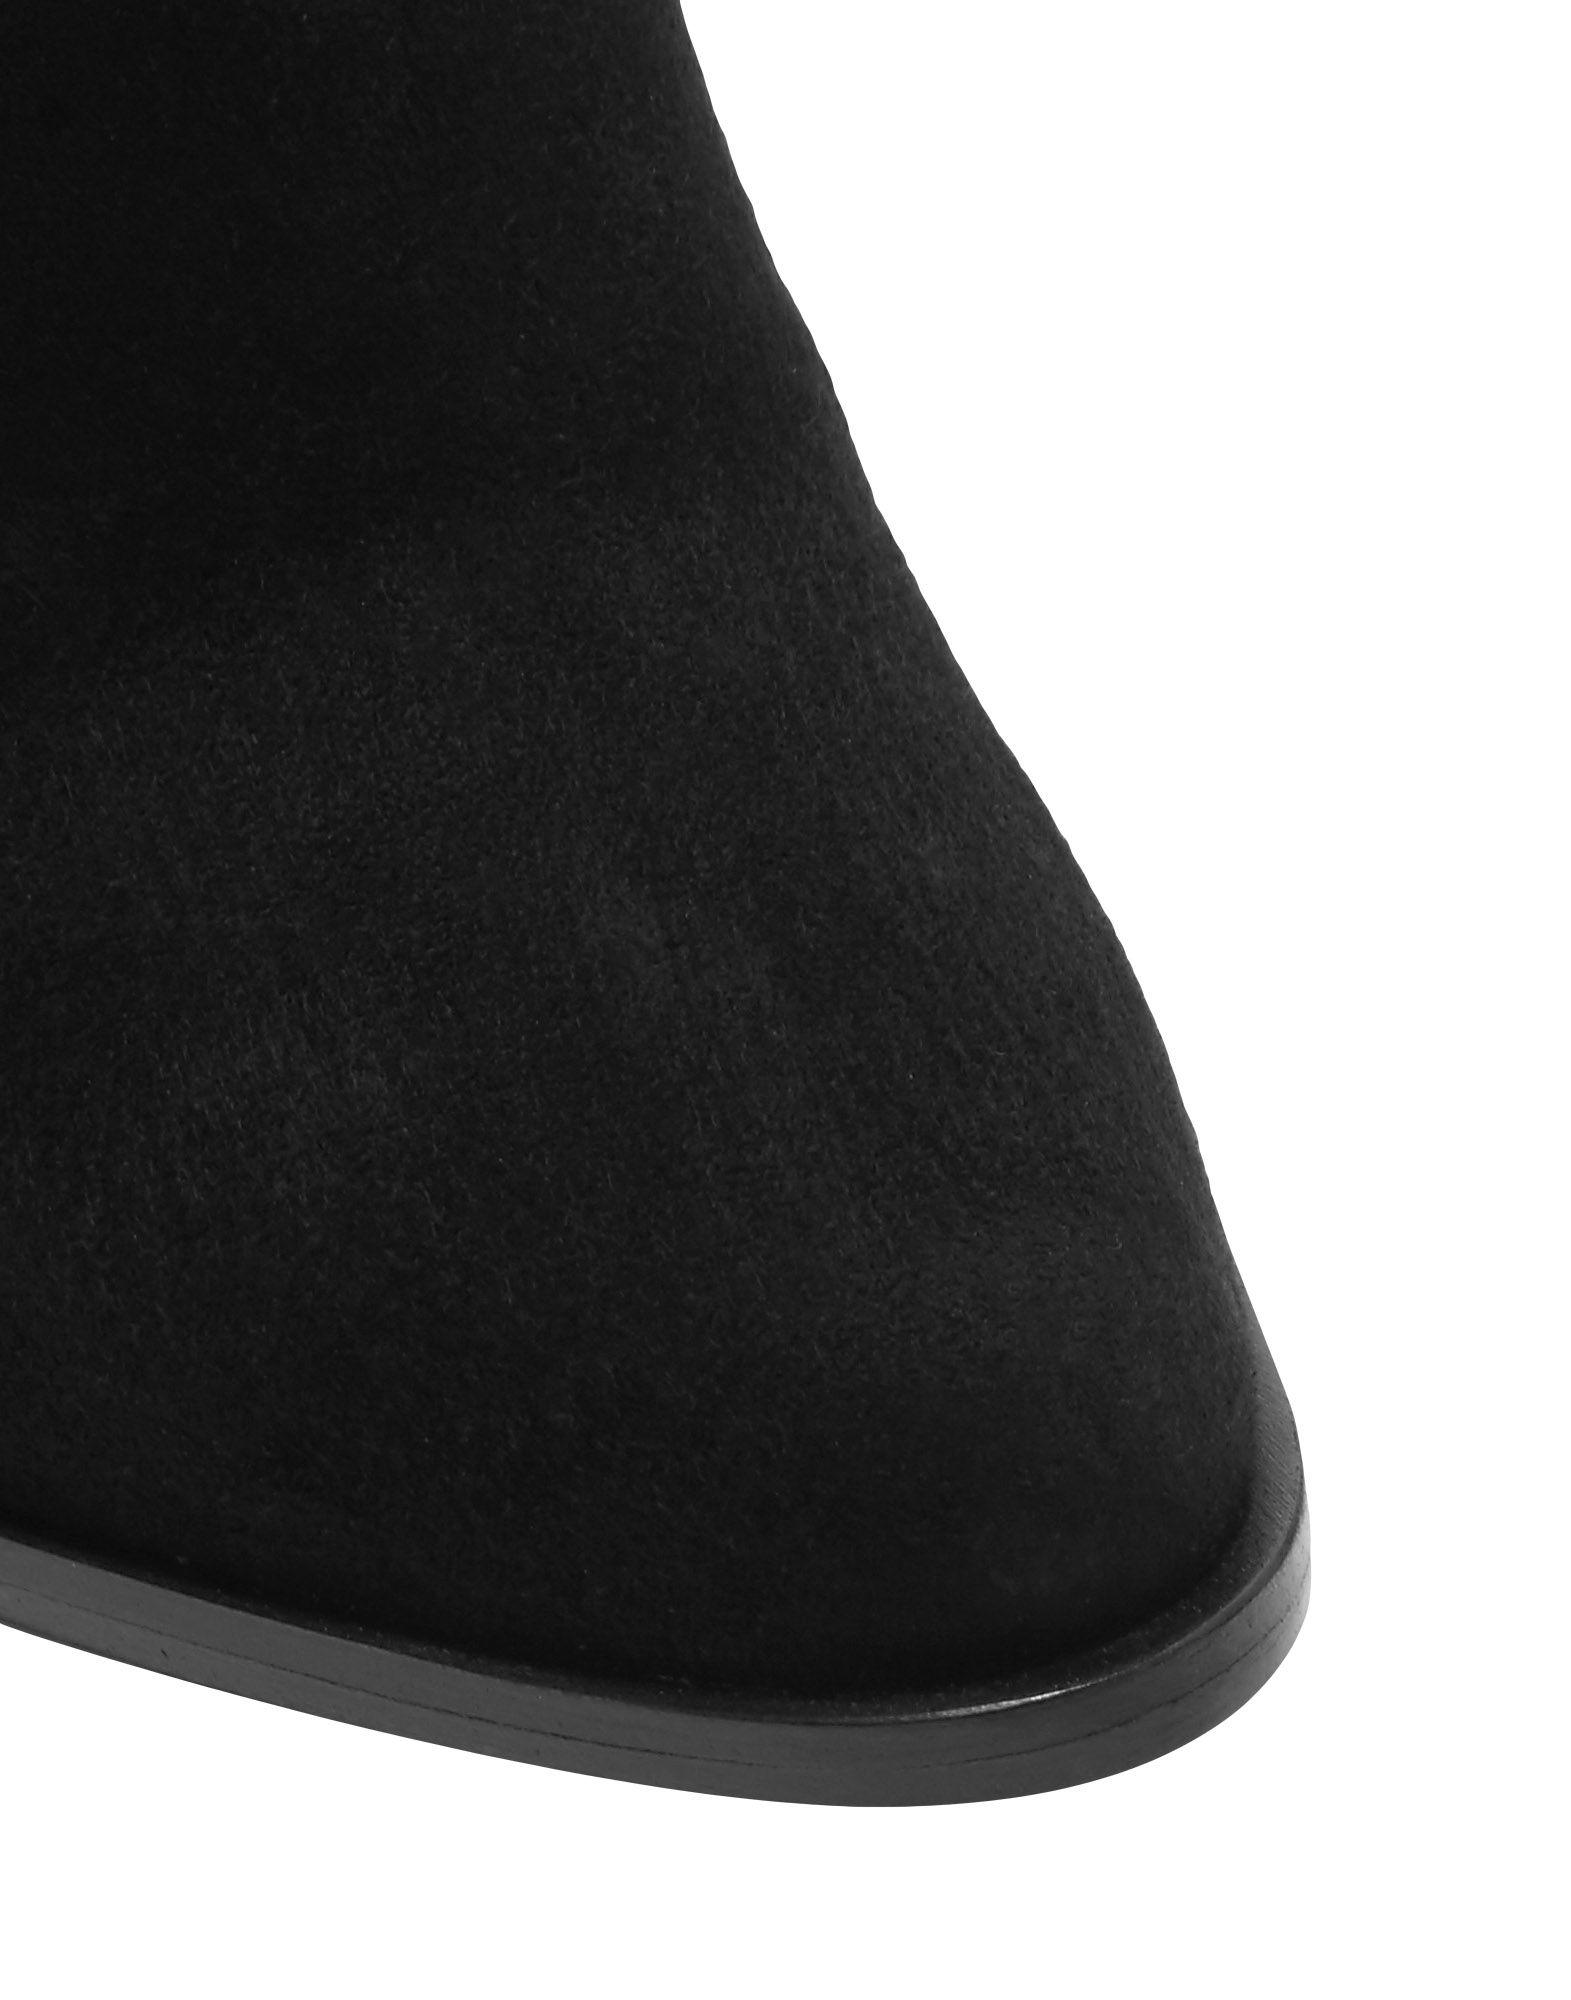 Damen Dkny Pumps Damen   11514995UA Heiße Schuhe 45ffa1